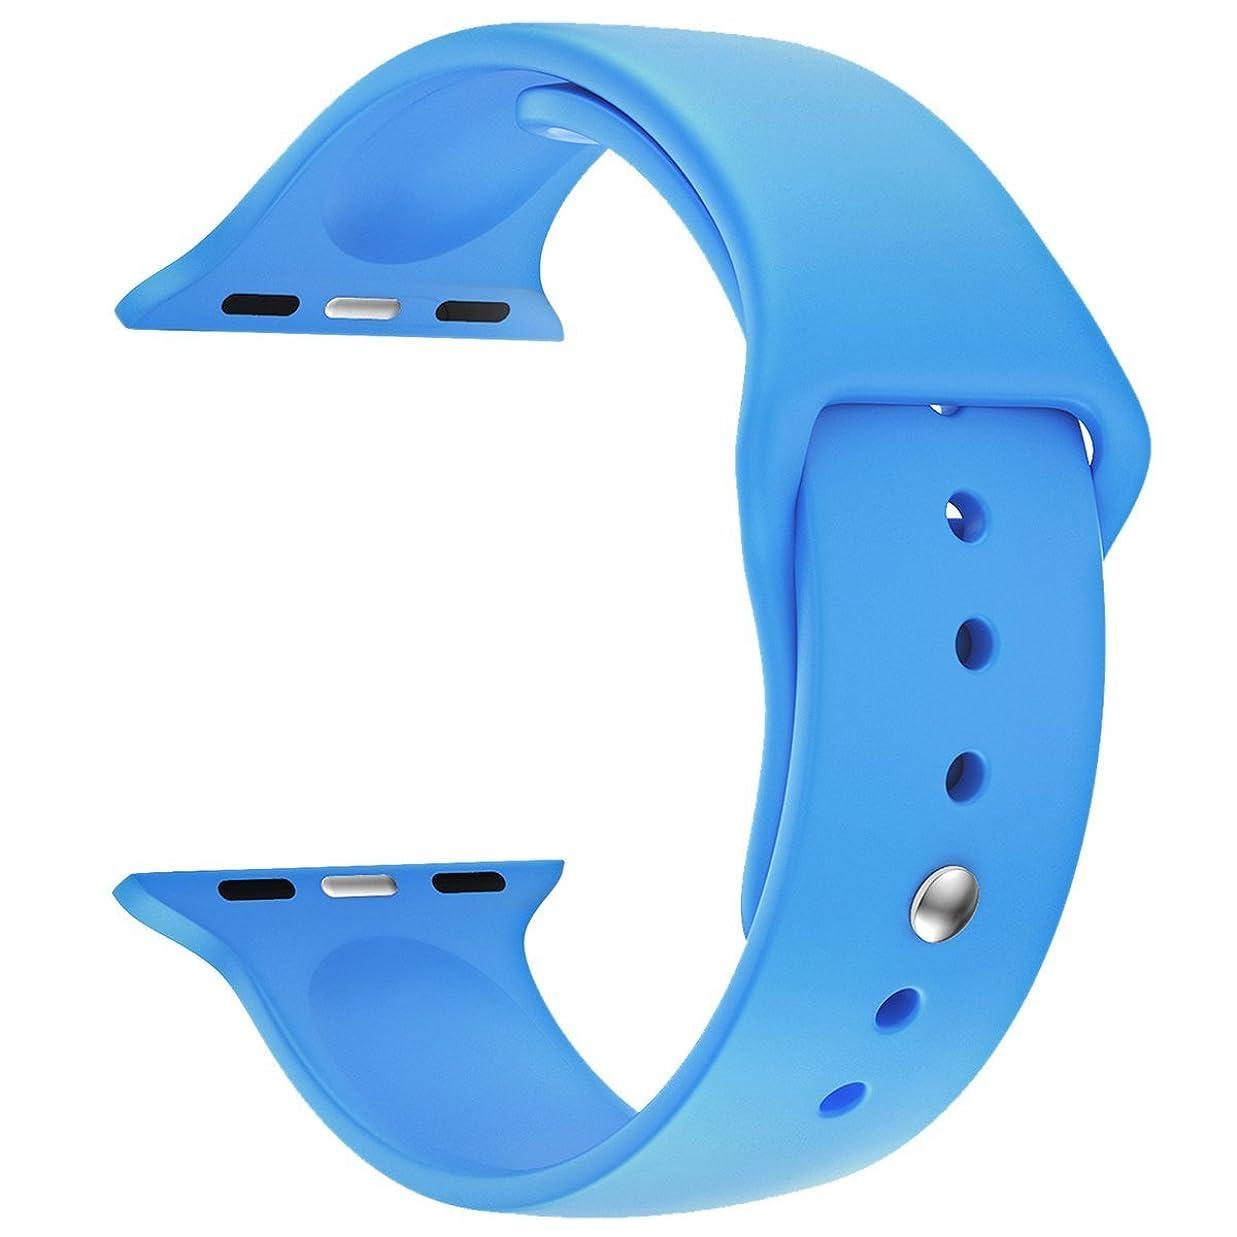 出血運ぶホースBAB? 38mm 42mm iwatchベルト 時計バンド 腕時計ベルトアップルウォッチ スポーツバンド ソフト 高級感 シリコーン 製 交換ベルト